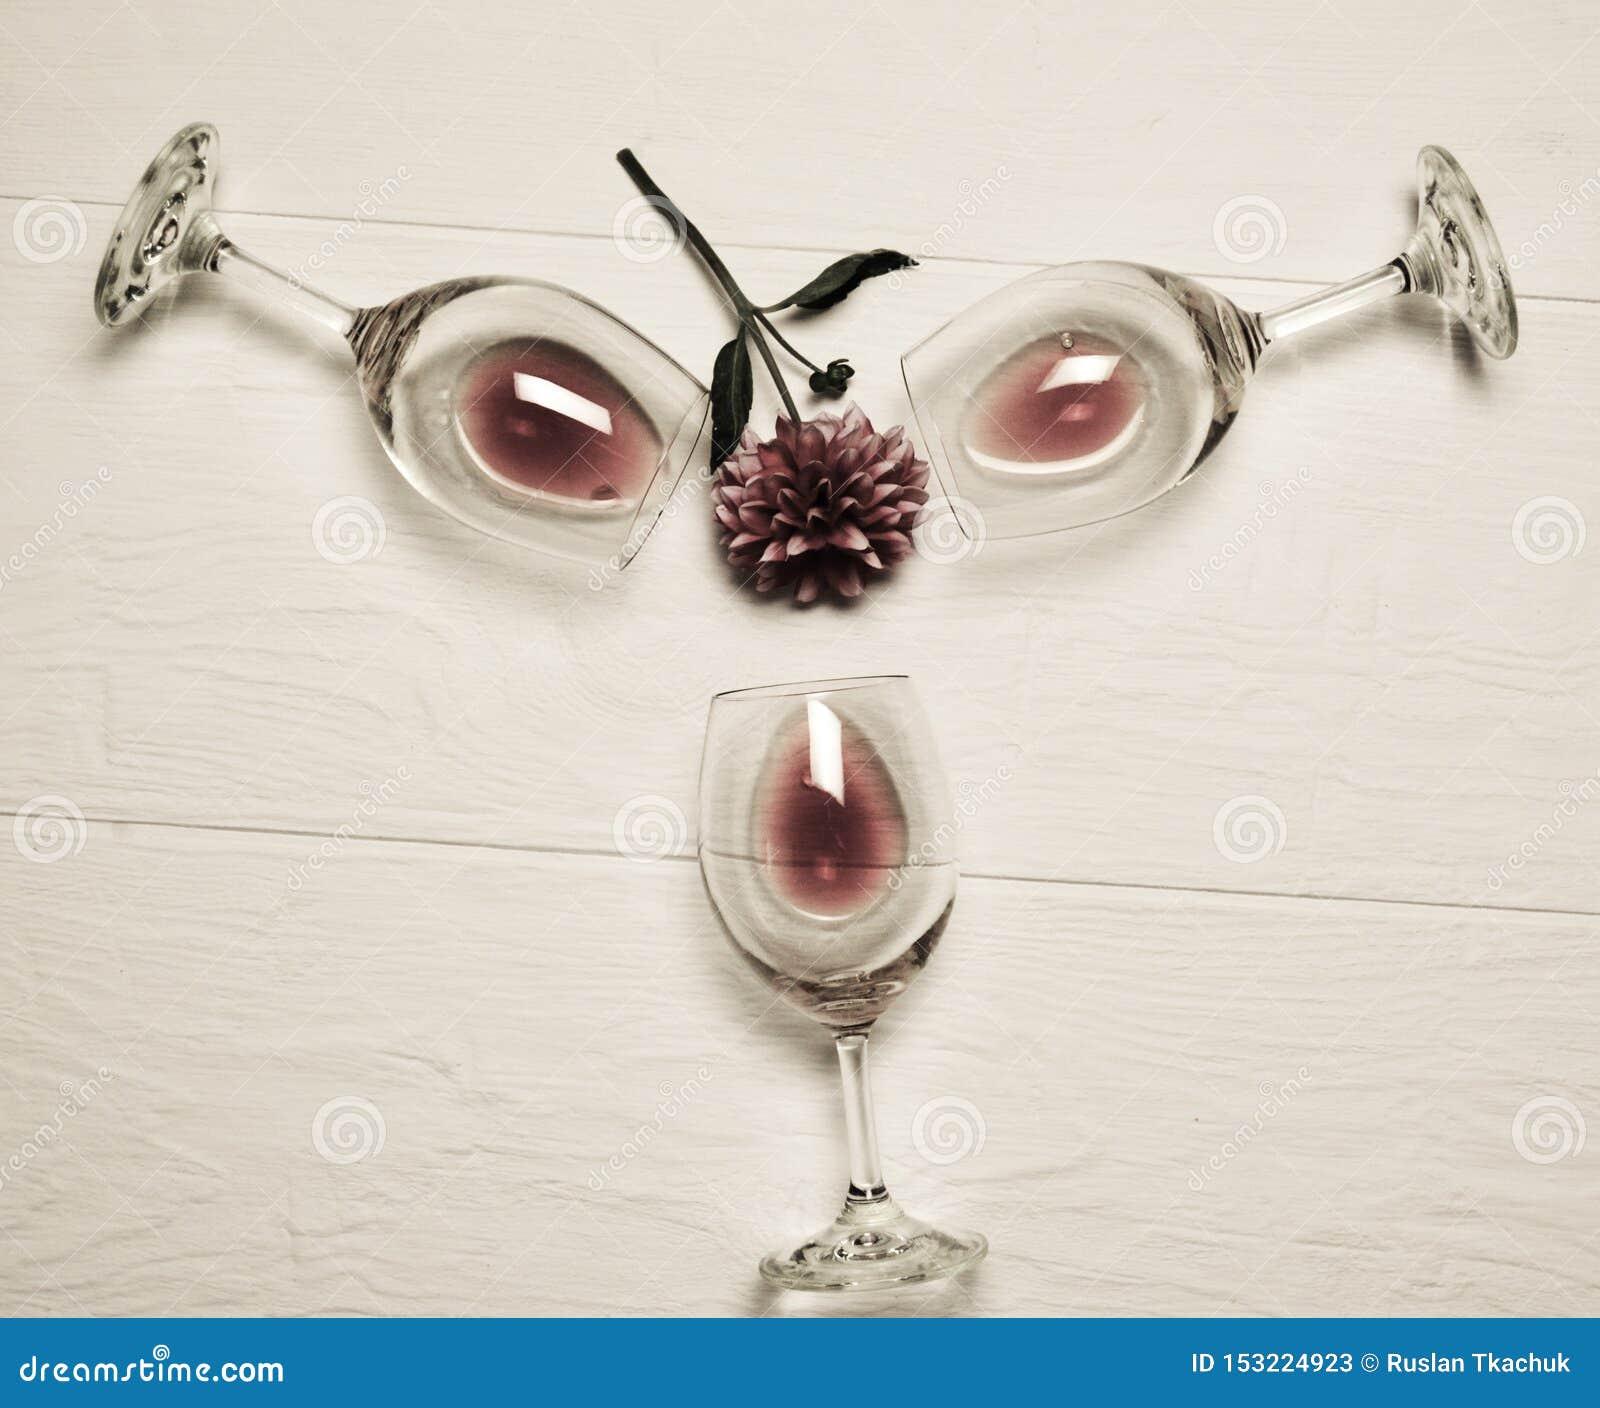 Les verres transparents se trouvent avec le vin rouge sur un fond blanc